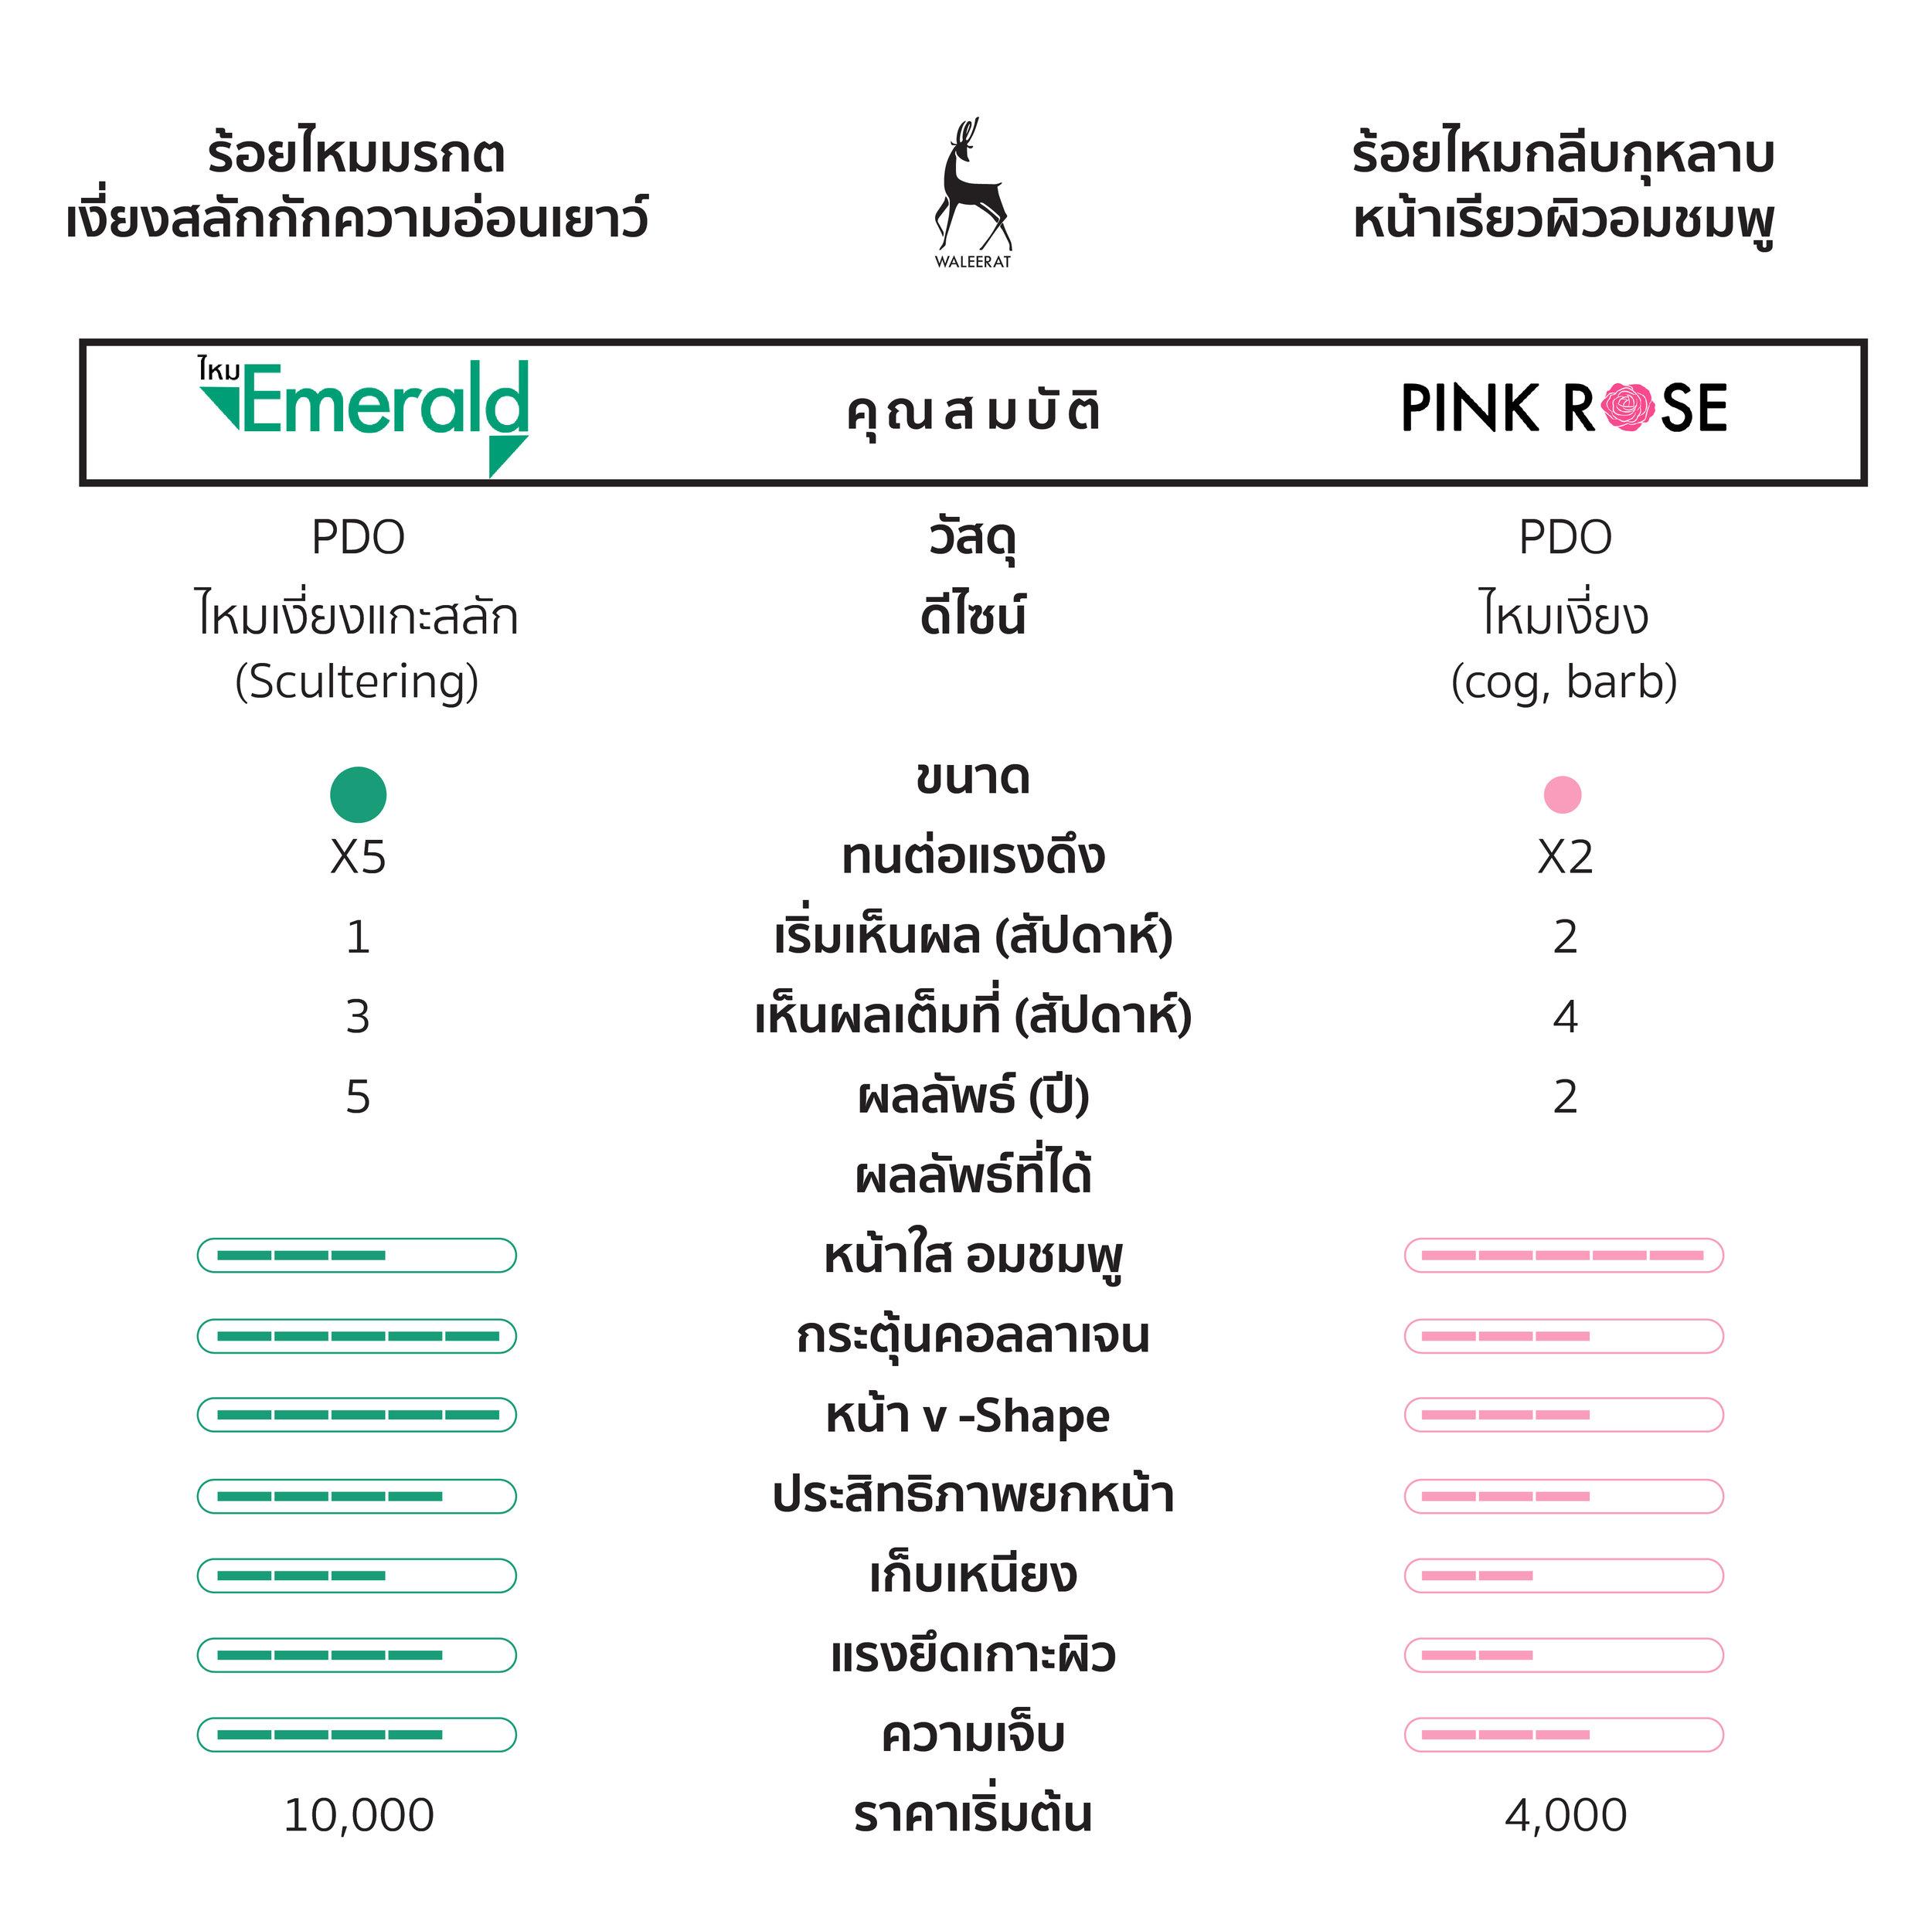 emerald+VS+pink+rose+%E0%B8%84%E0%B8%B8%E0%B8%93%E0%B8%AA%E0%B8%A1%E0%B8%9A%E0%B8%B1%E0%B8%95%E0%B8%B4 03 02